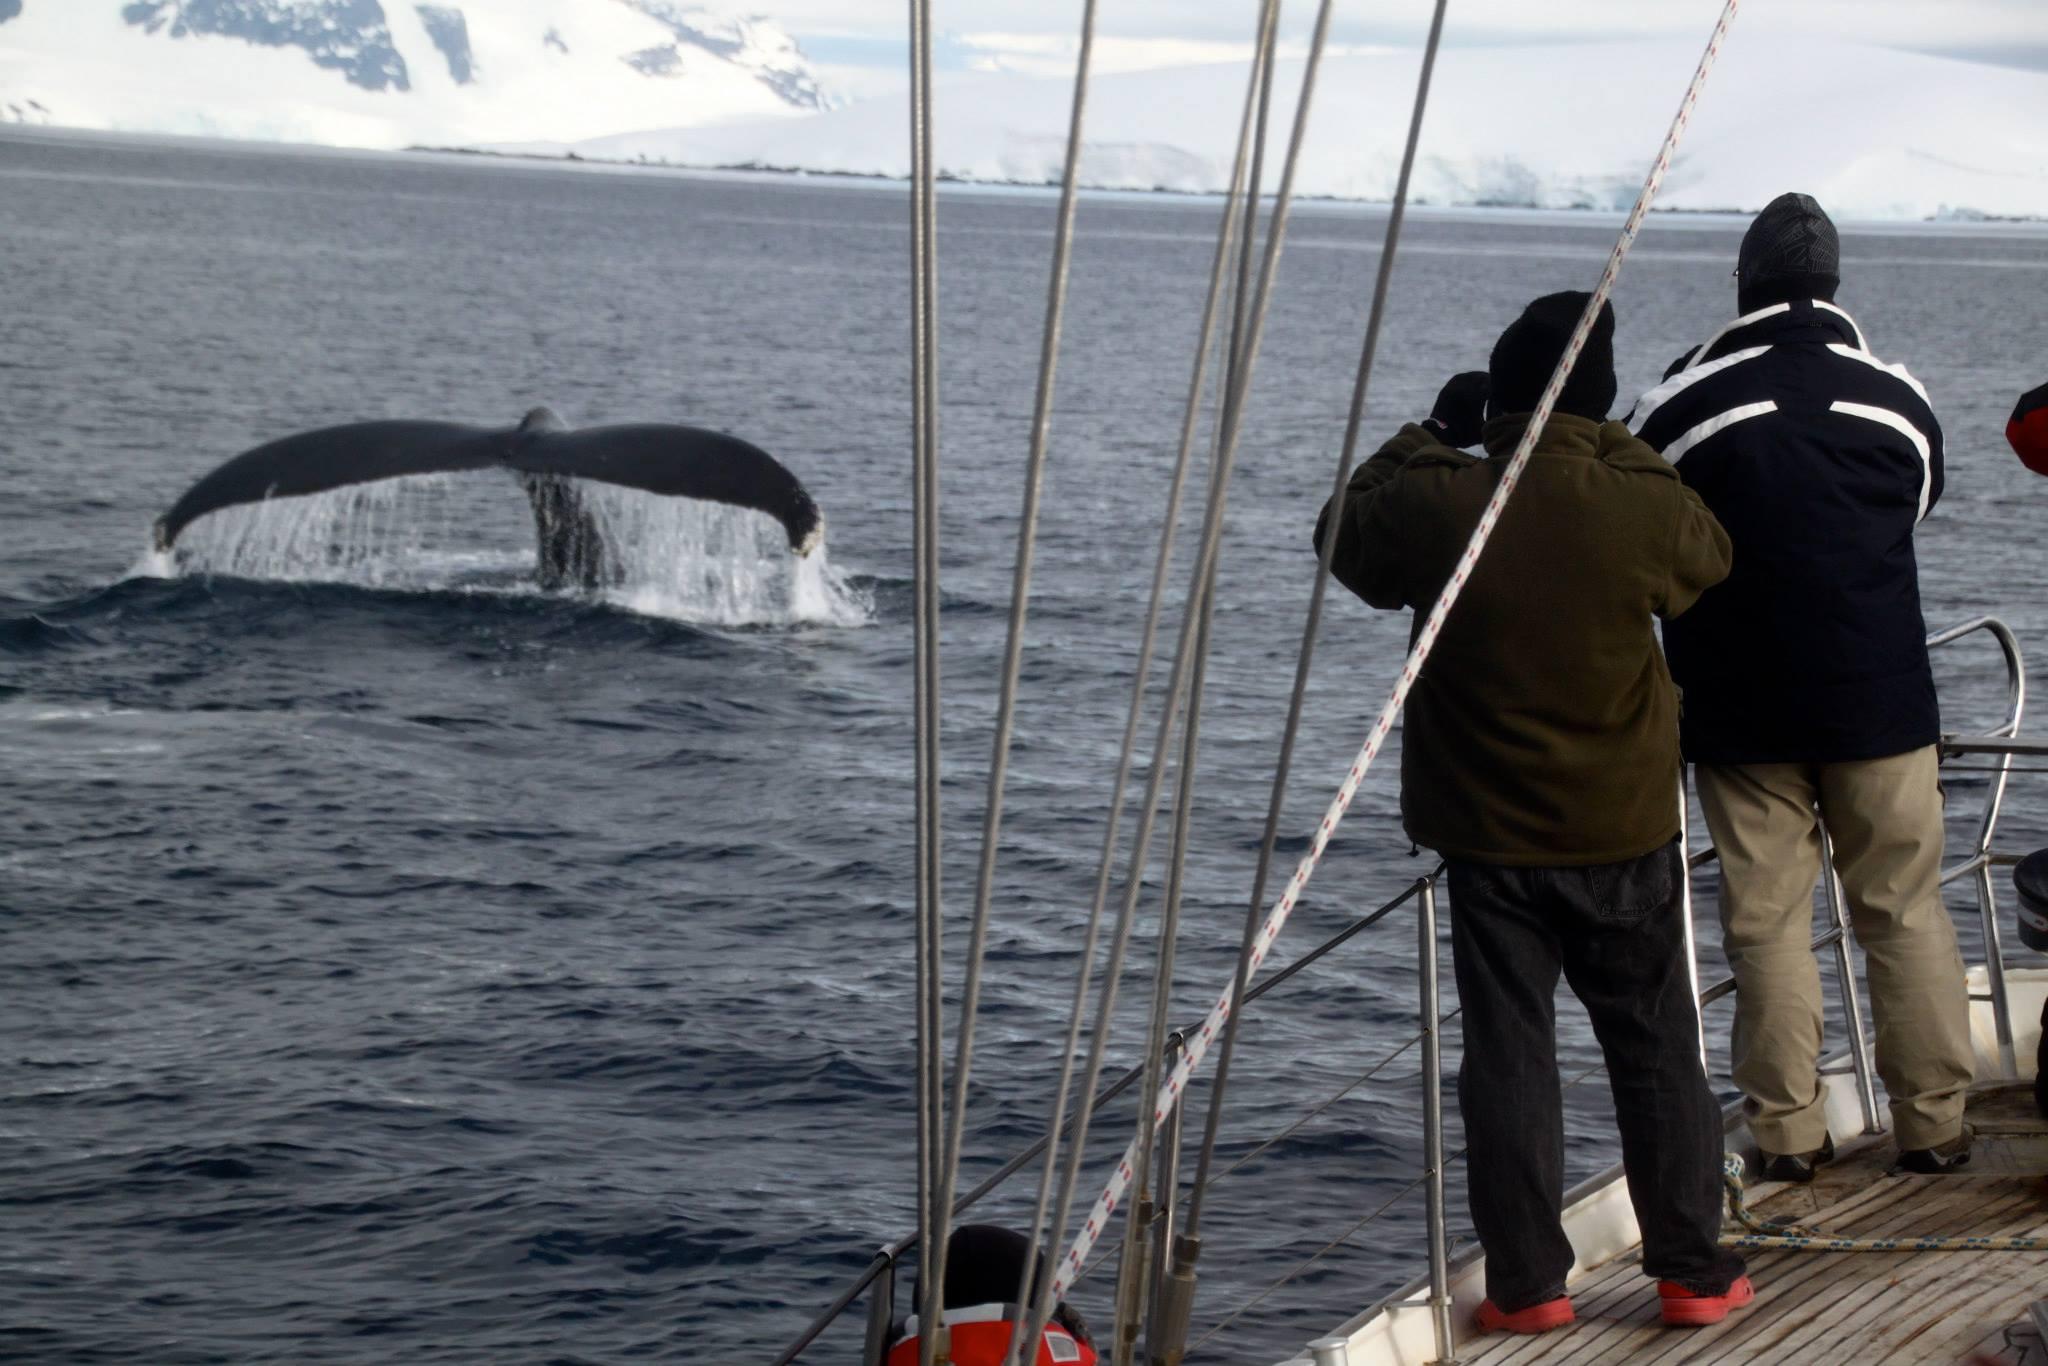 שייט באנטרקטיקה - משקיפים על לוויתן - דרך הים